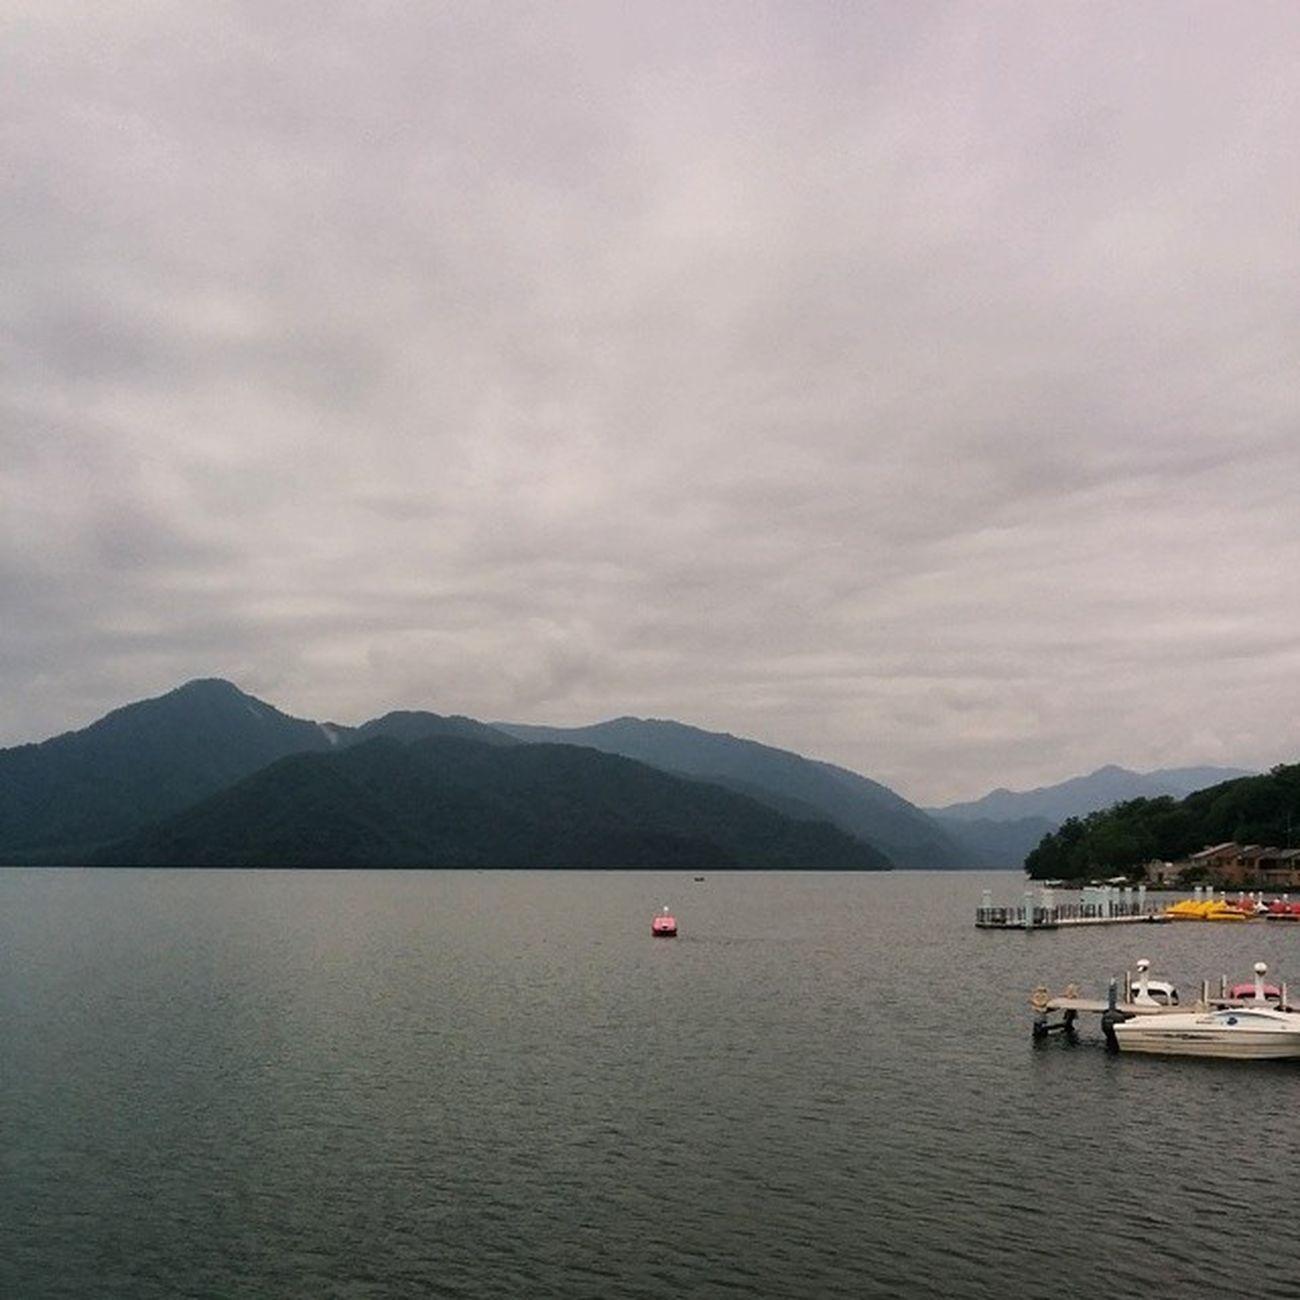 中禅寺湖なぅ